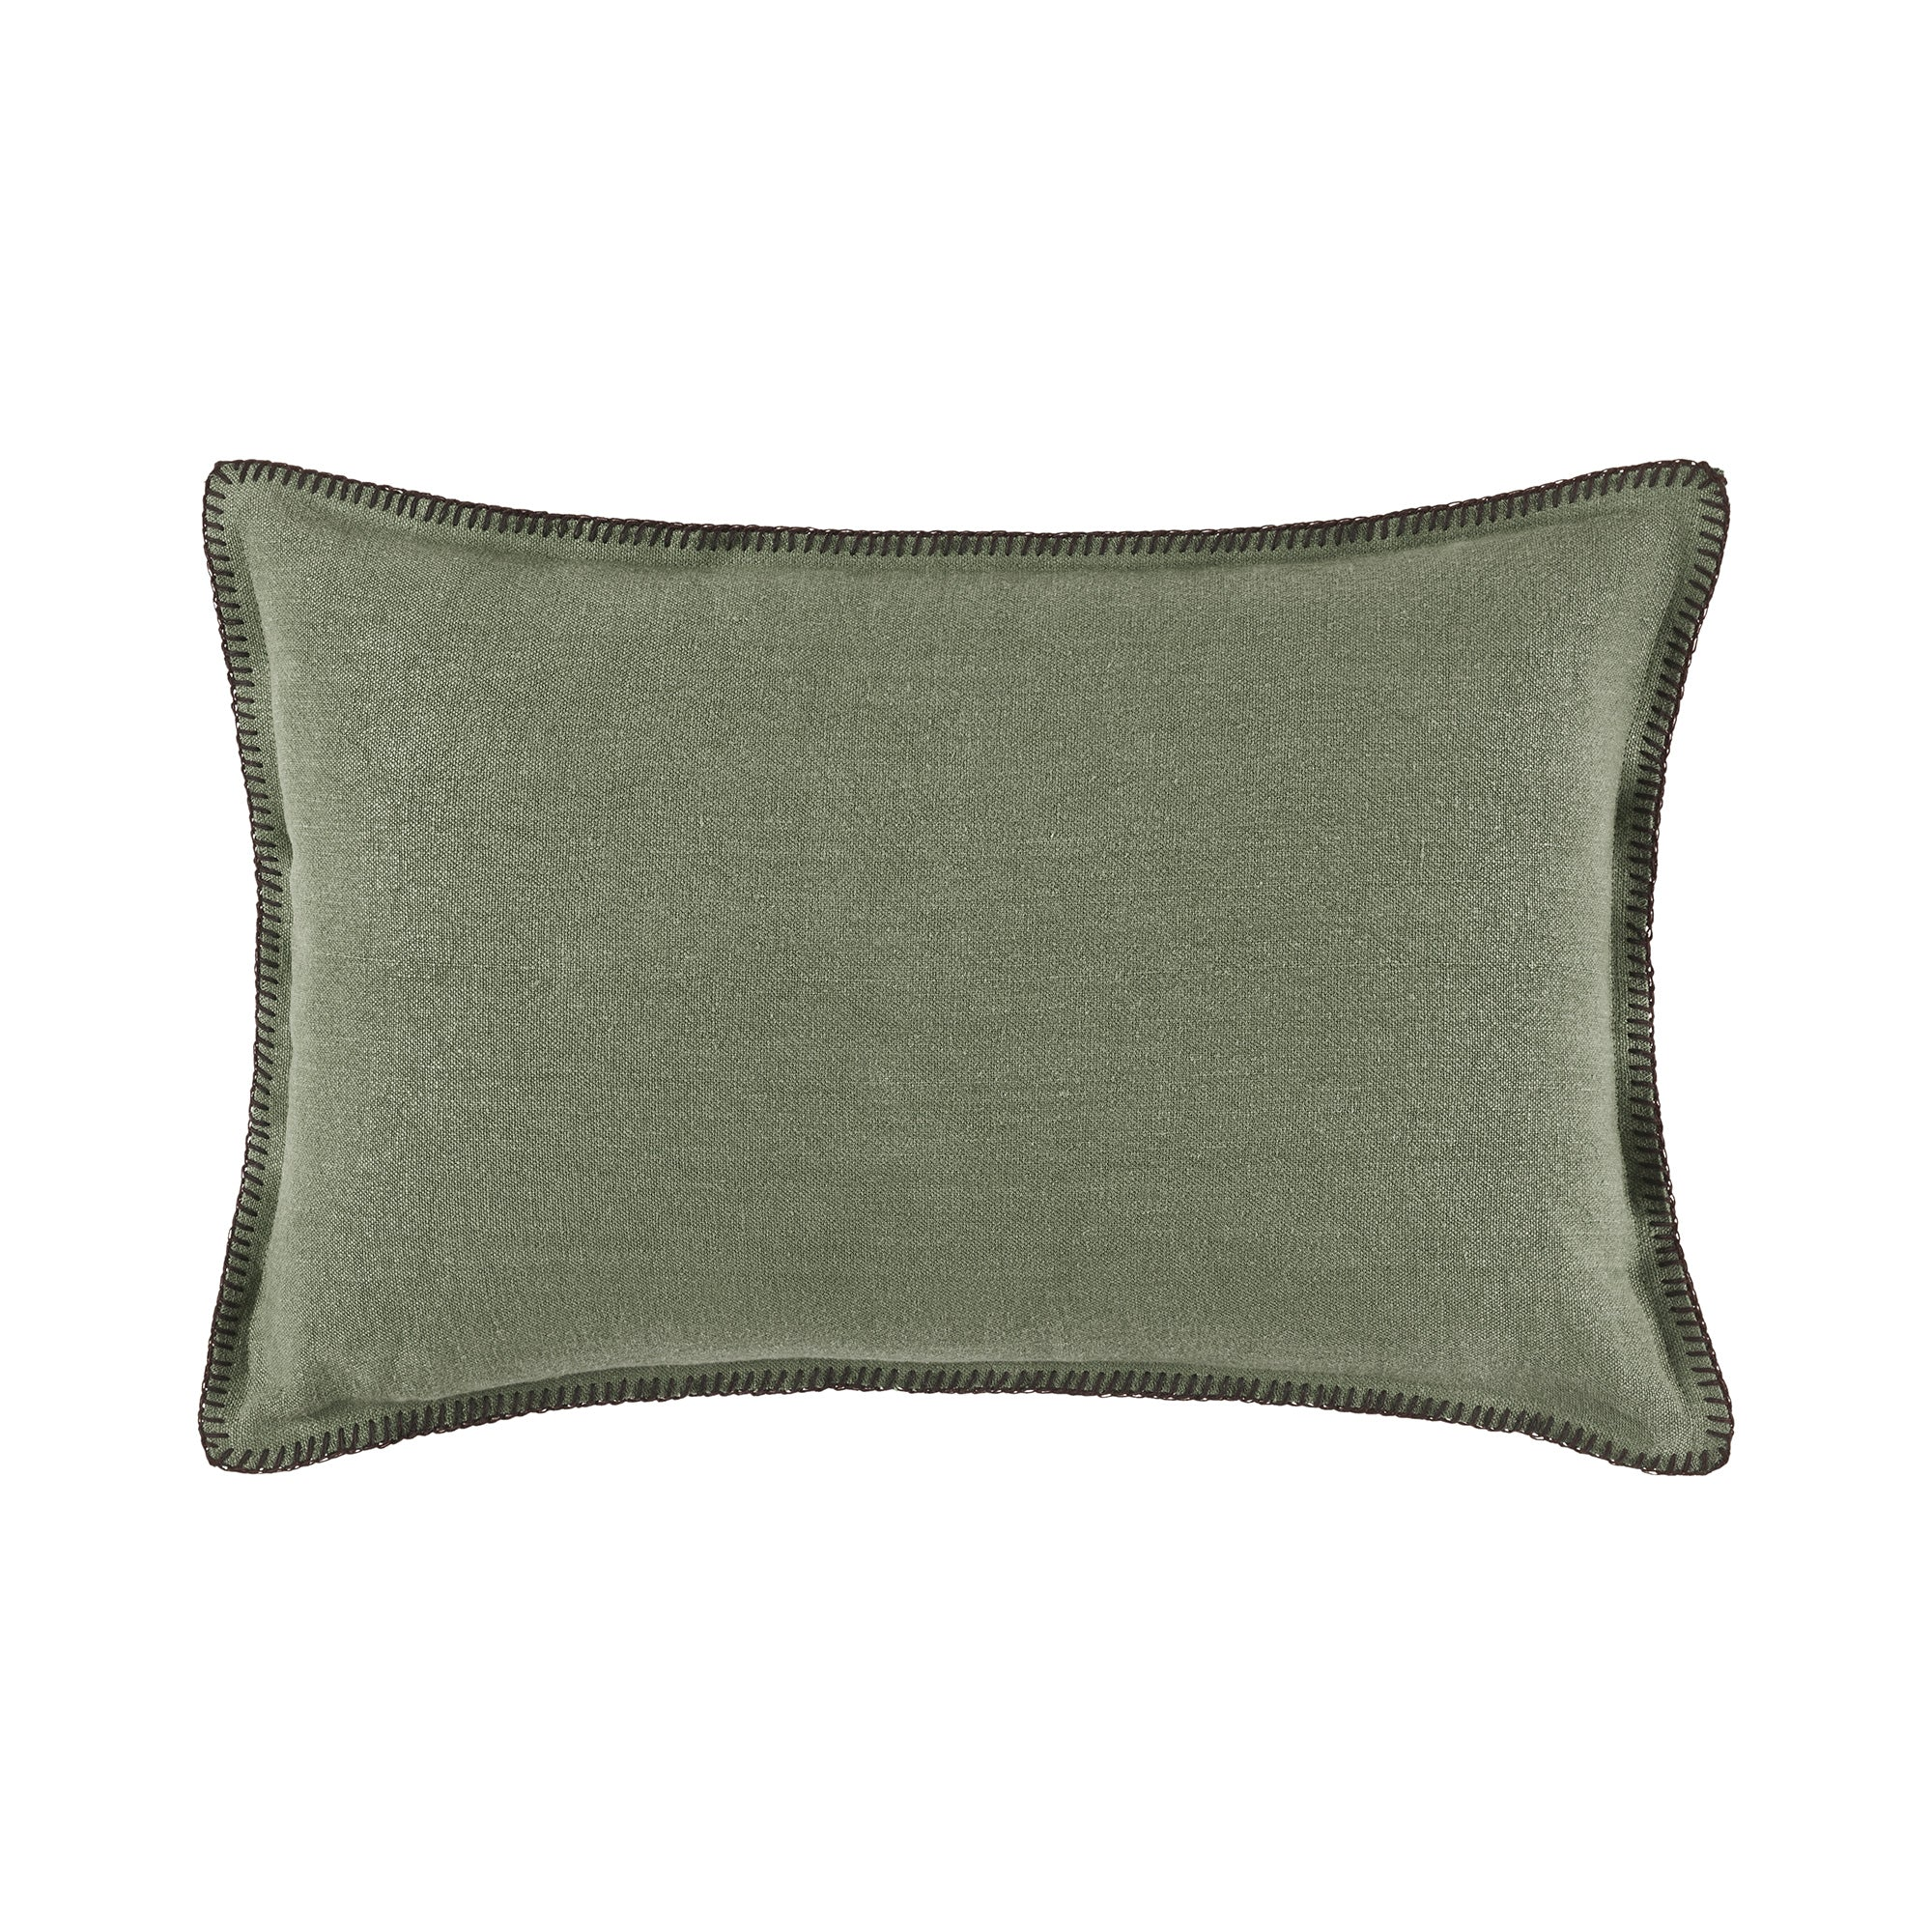 Housse de coussin 40x60 cm Kaki grisé et feston noir en Lin